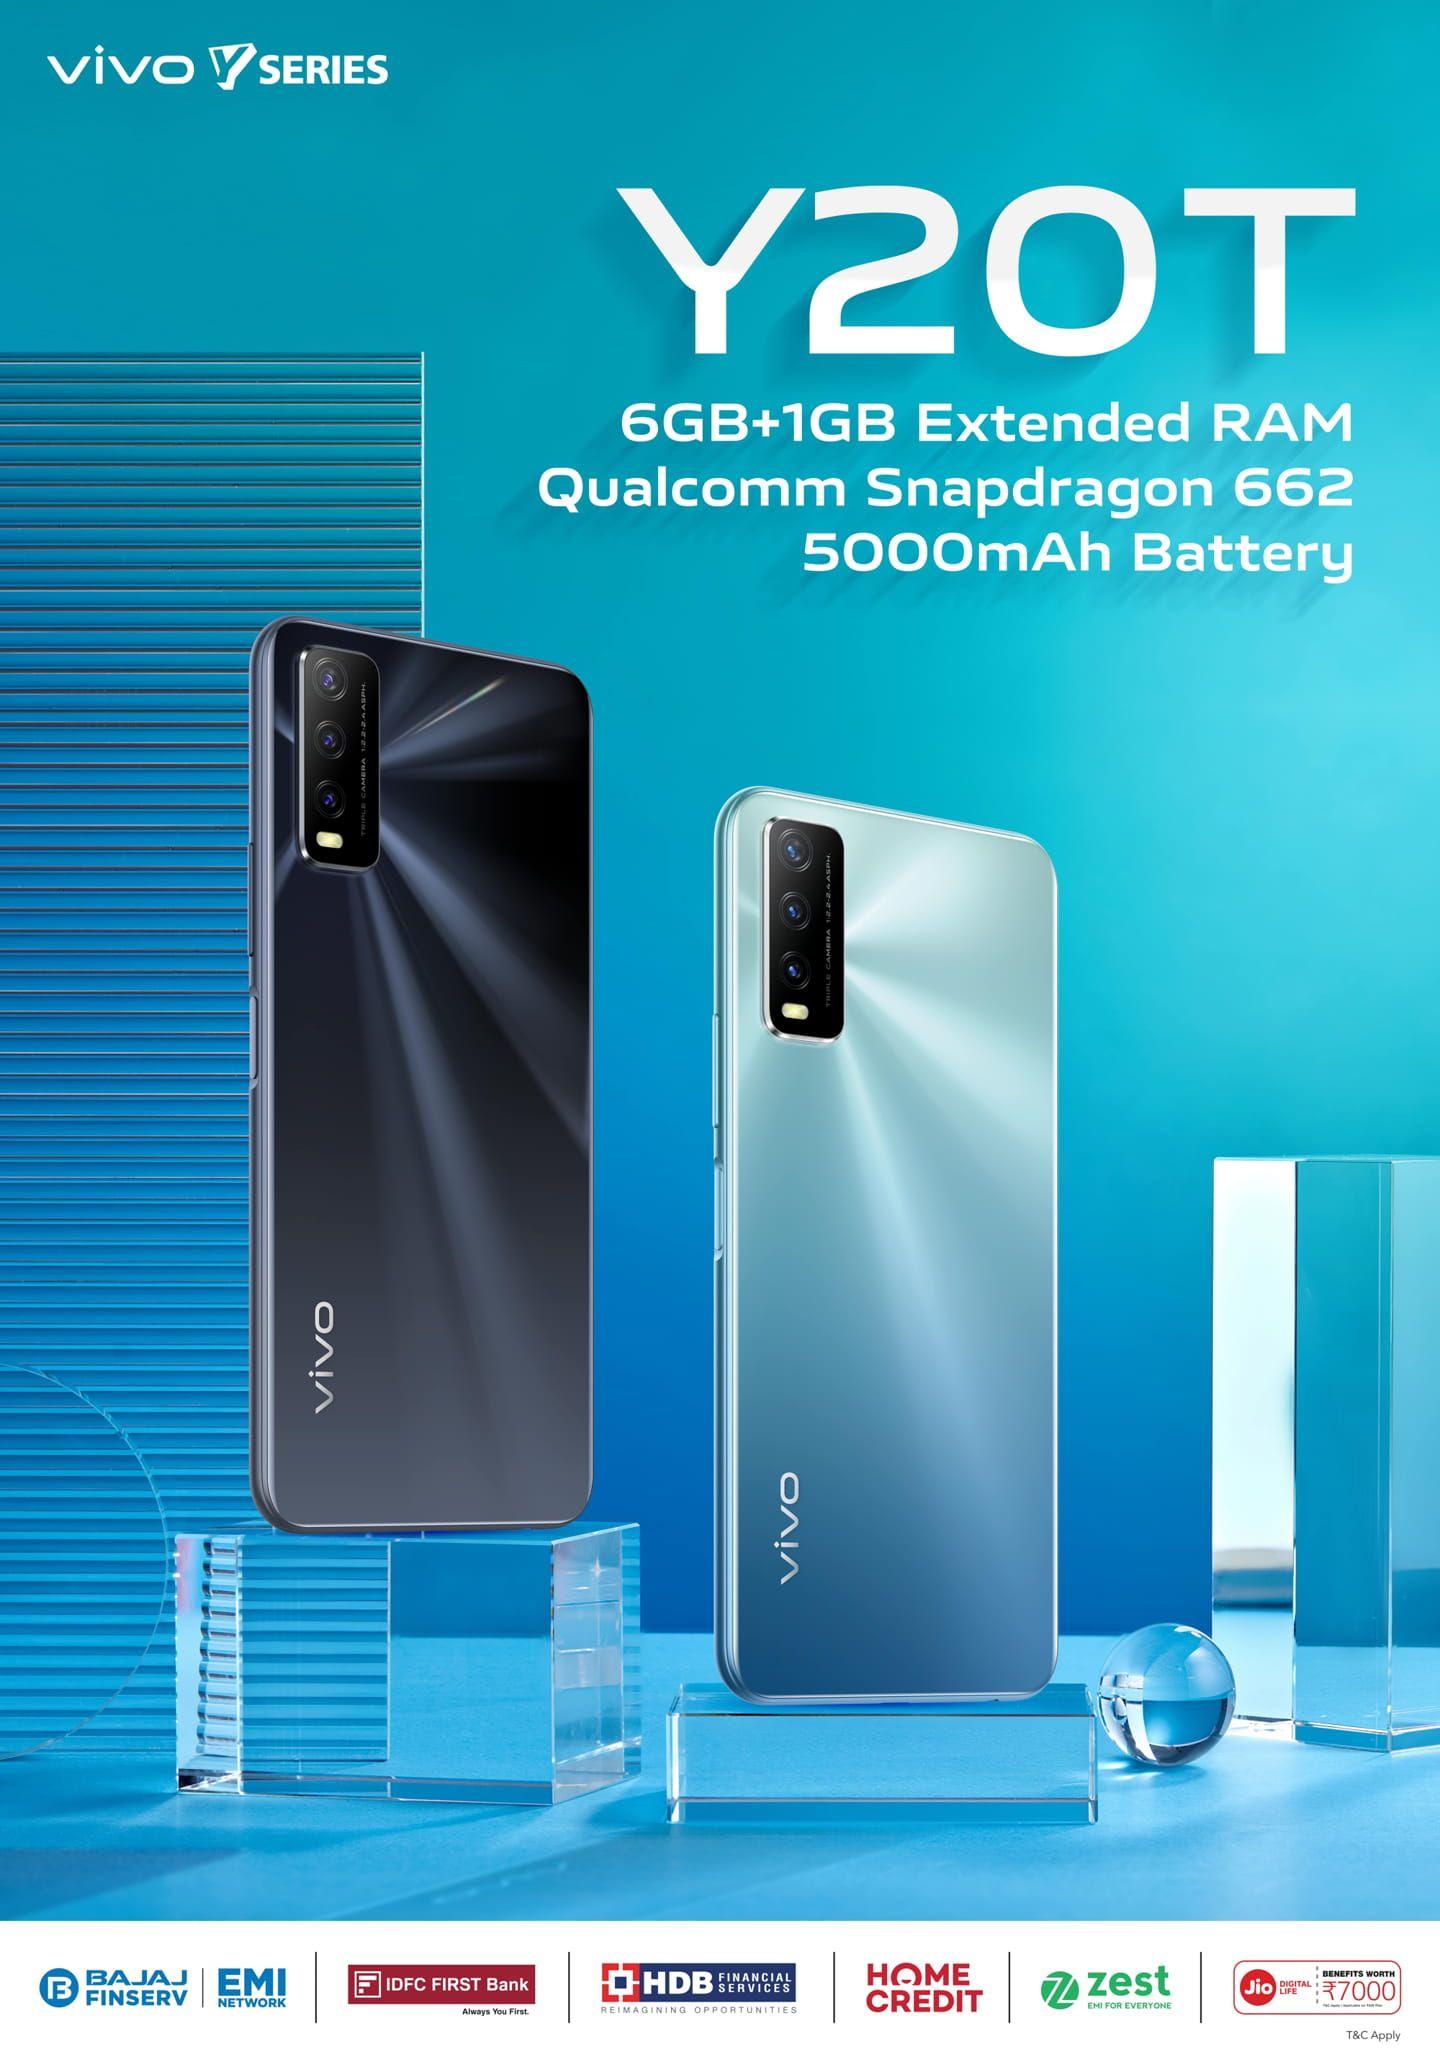 Vivo Y20T 支持扩展 RAM 2.0,在印度推出骁龙 662 SoC:价格、规格